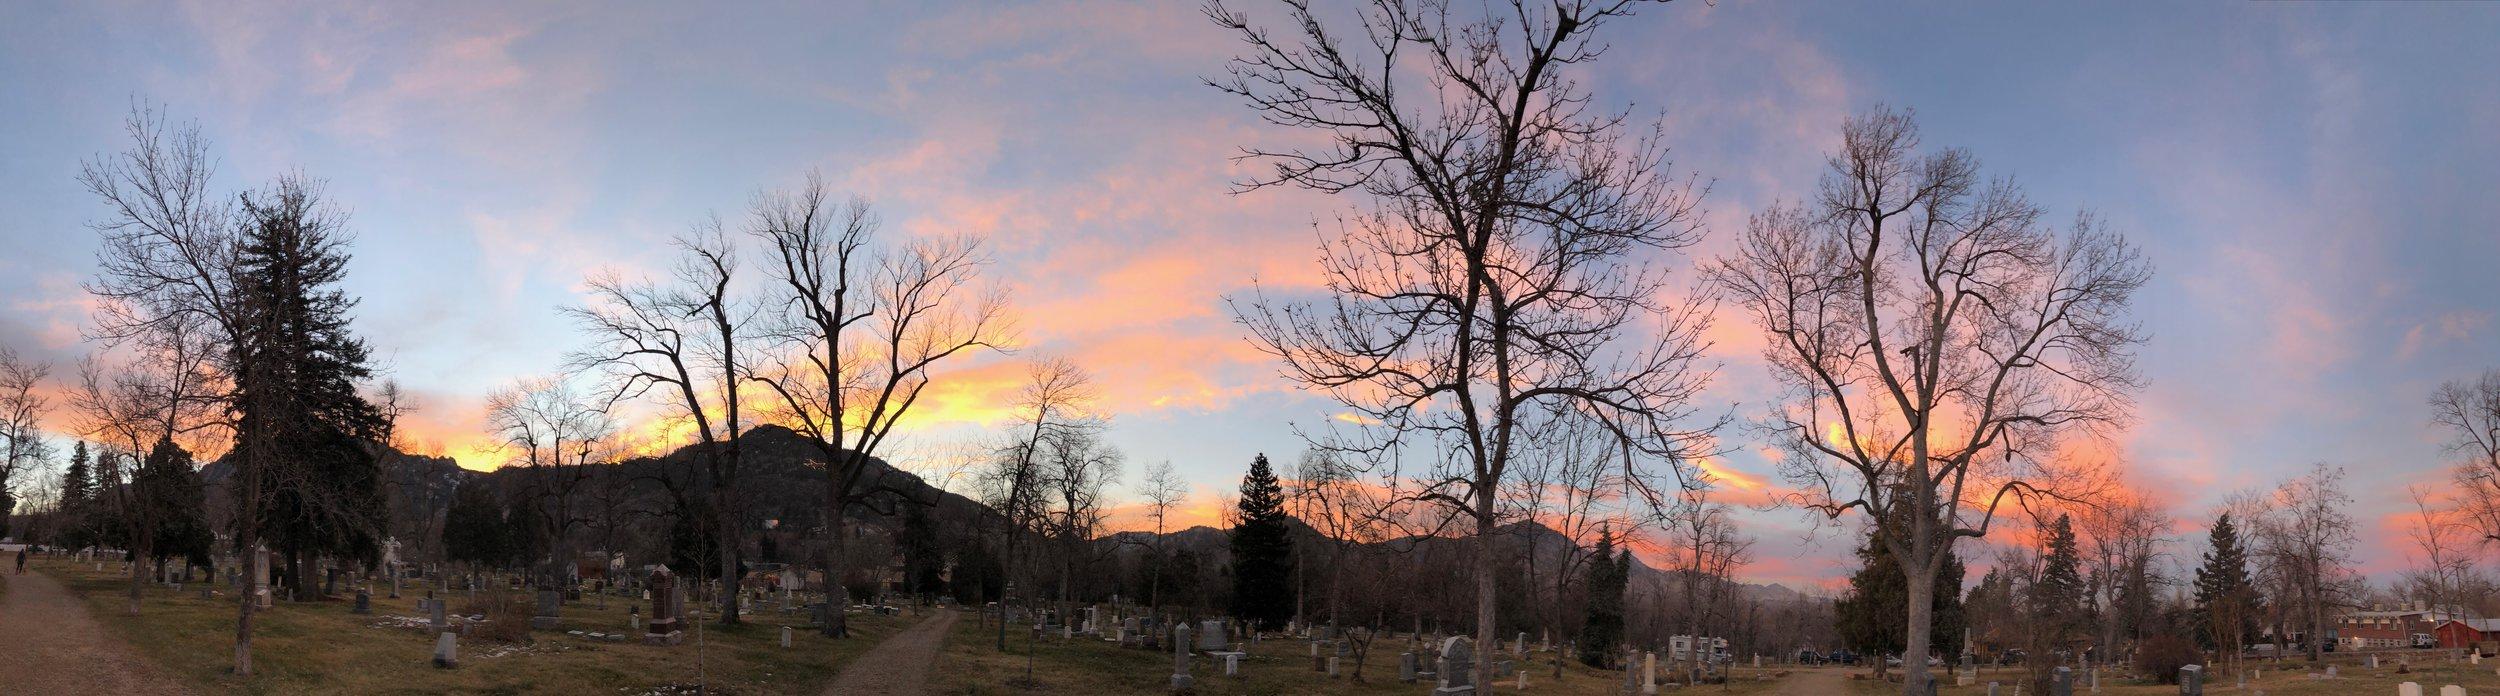 Boulder-CO-Sunset